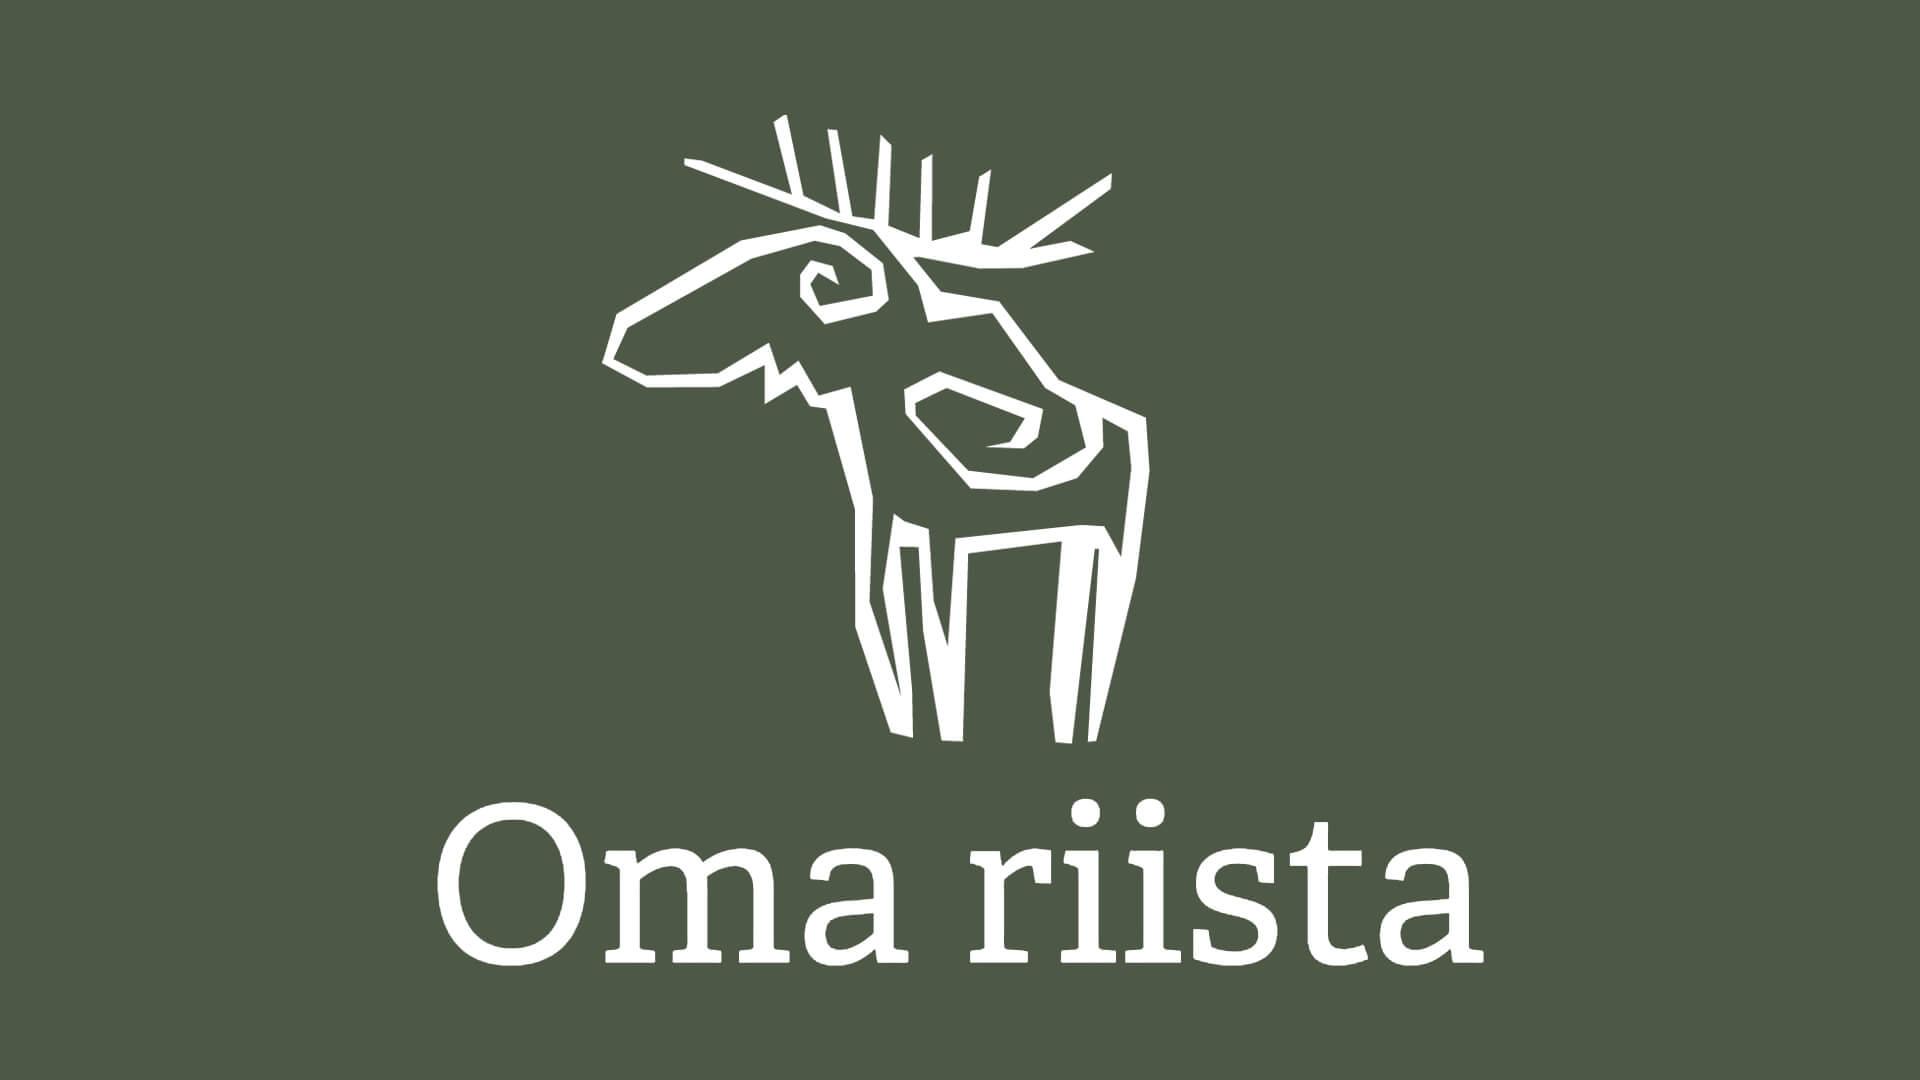 Kempeleen metsästys- ja kennelyhdistys - Oma riista